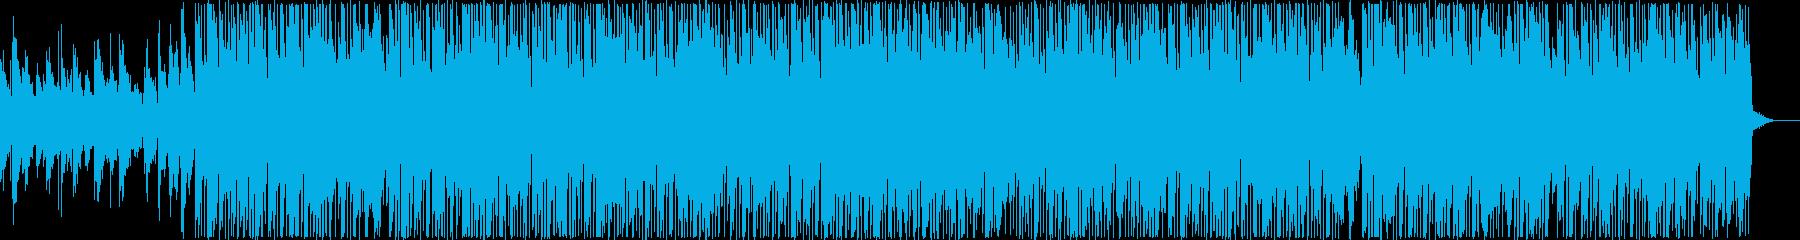 シンセリードが心地よいHipHopの再生済みの波形